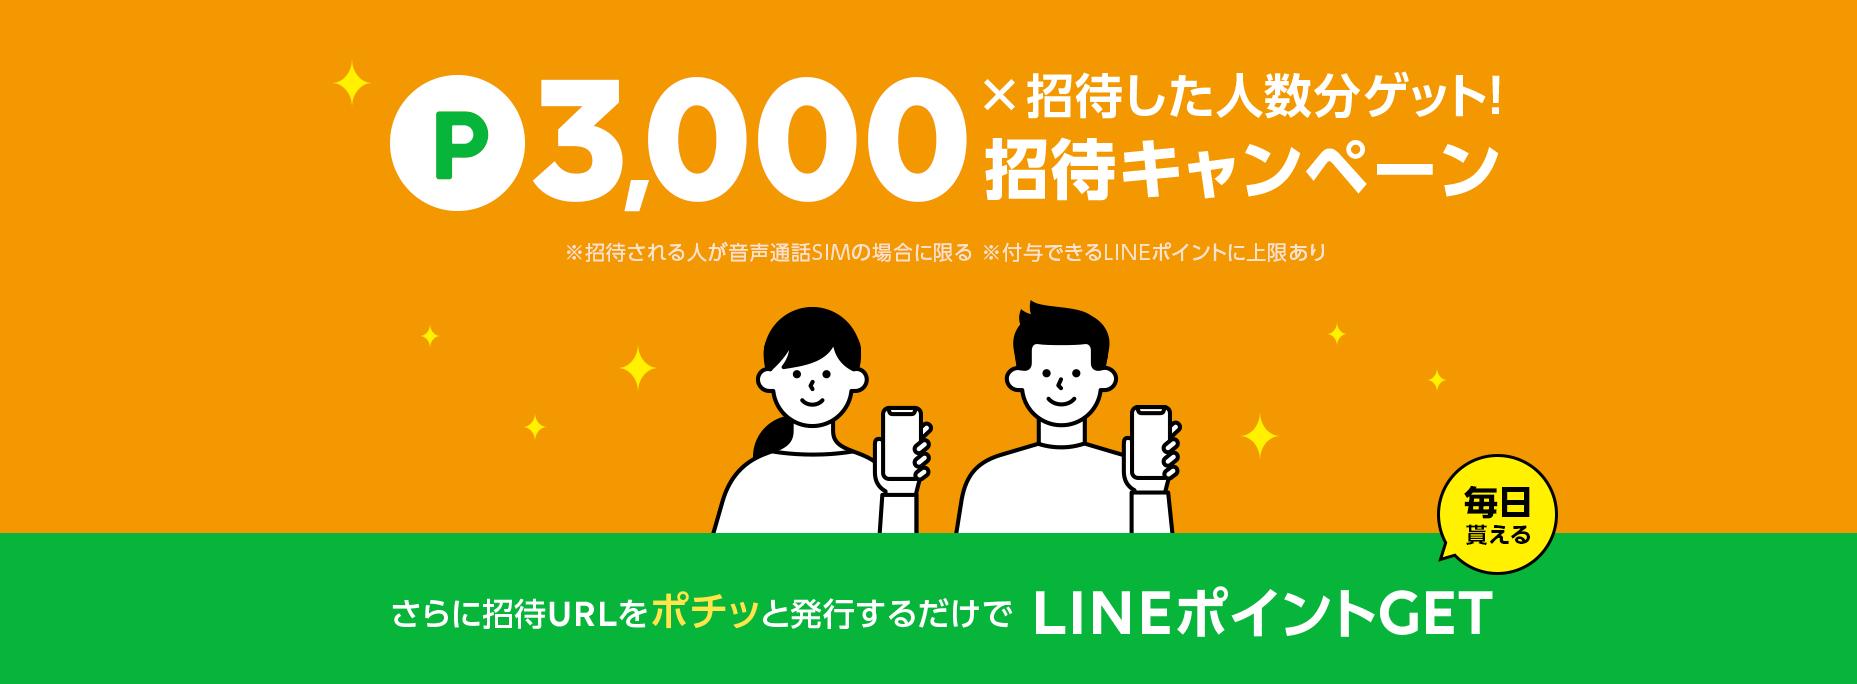 LINEモバイル_キャンペーン_ポイント